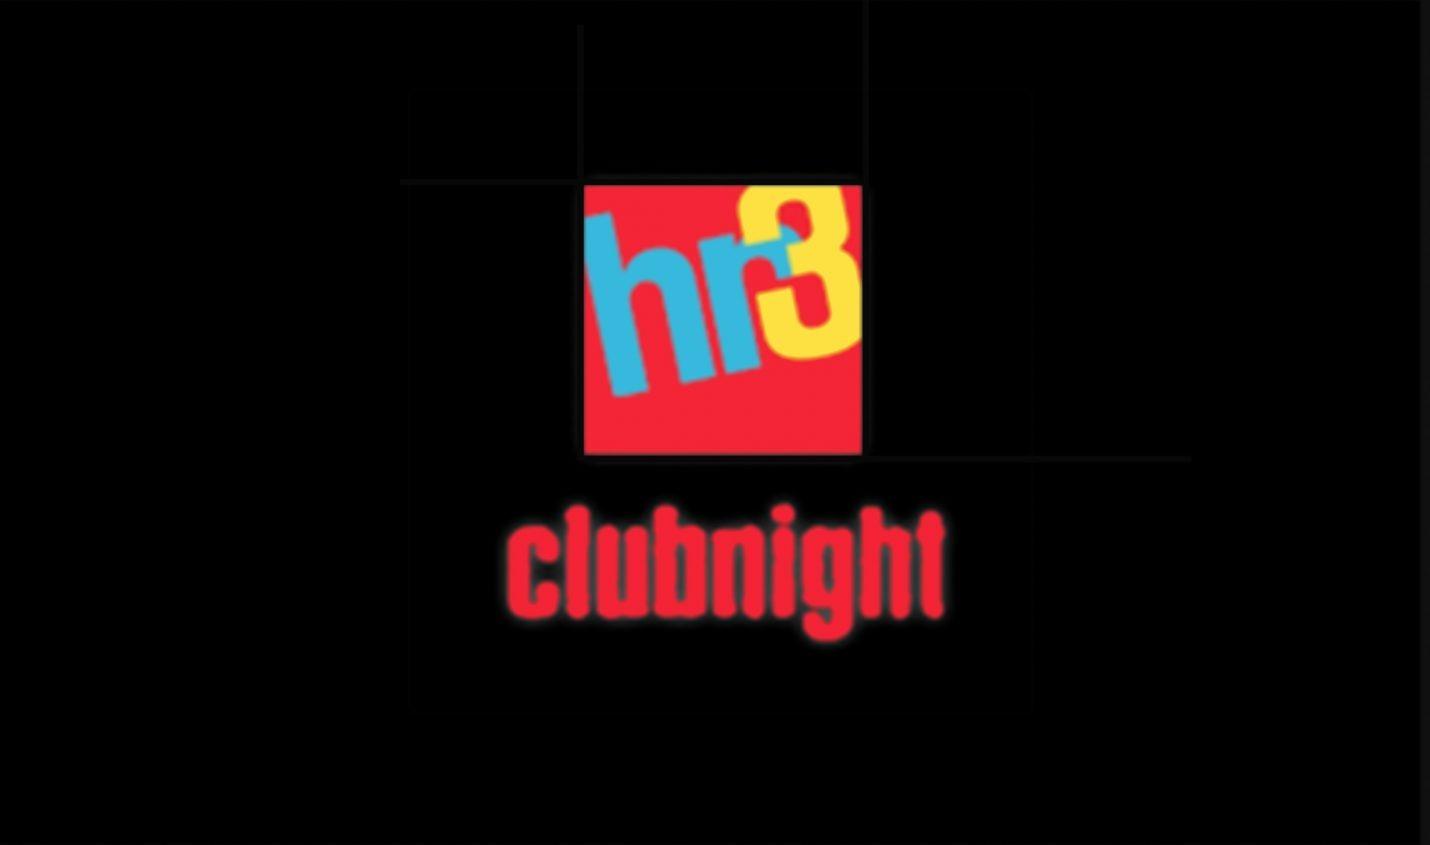 239 GB Archiv mit MP3s von fast allen hr3 Clubnight Sendungen